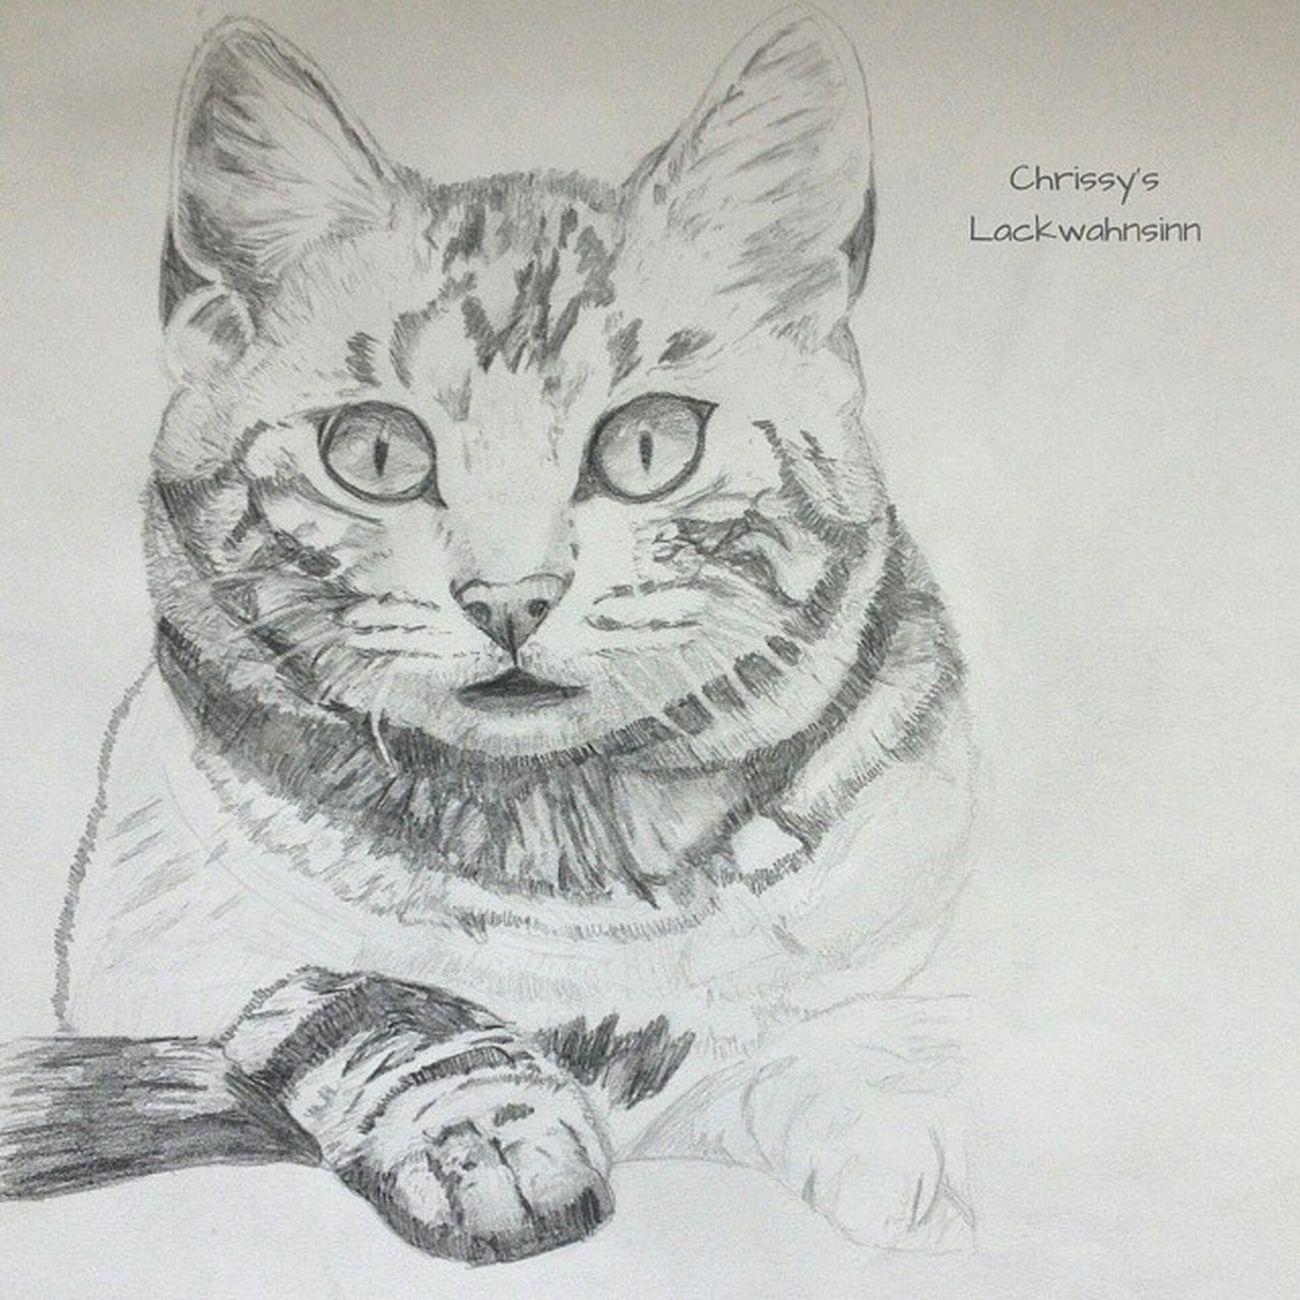 miau 😺😺 hab ich grad wieder beim fotos durchstöbern entdeckt 😁 diese miez hab ich in meiner zeit auf der fos (gestaltungszweig) gekritzelt ✏🎨 Kunstkram Fosgestaltung Katze Cat Miez Bleistiftzeichnung Undjetztwerdichinformatikerin 💻💾